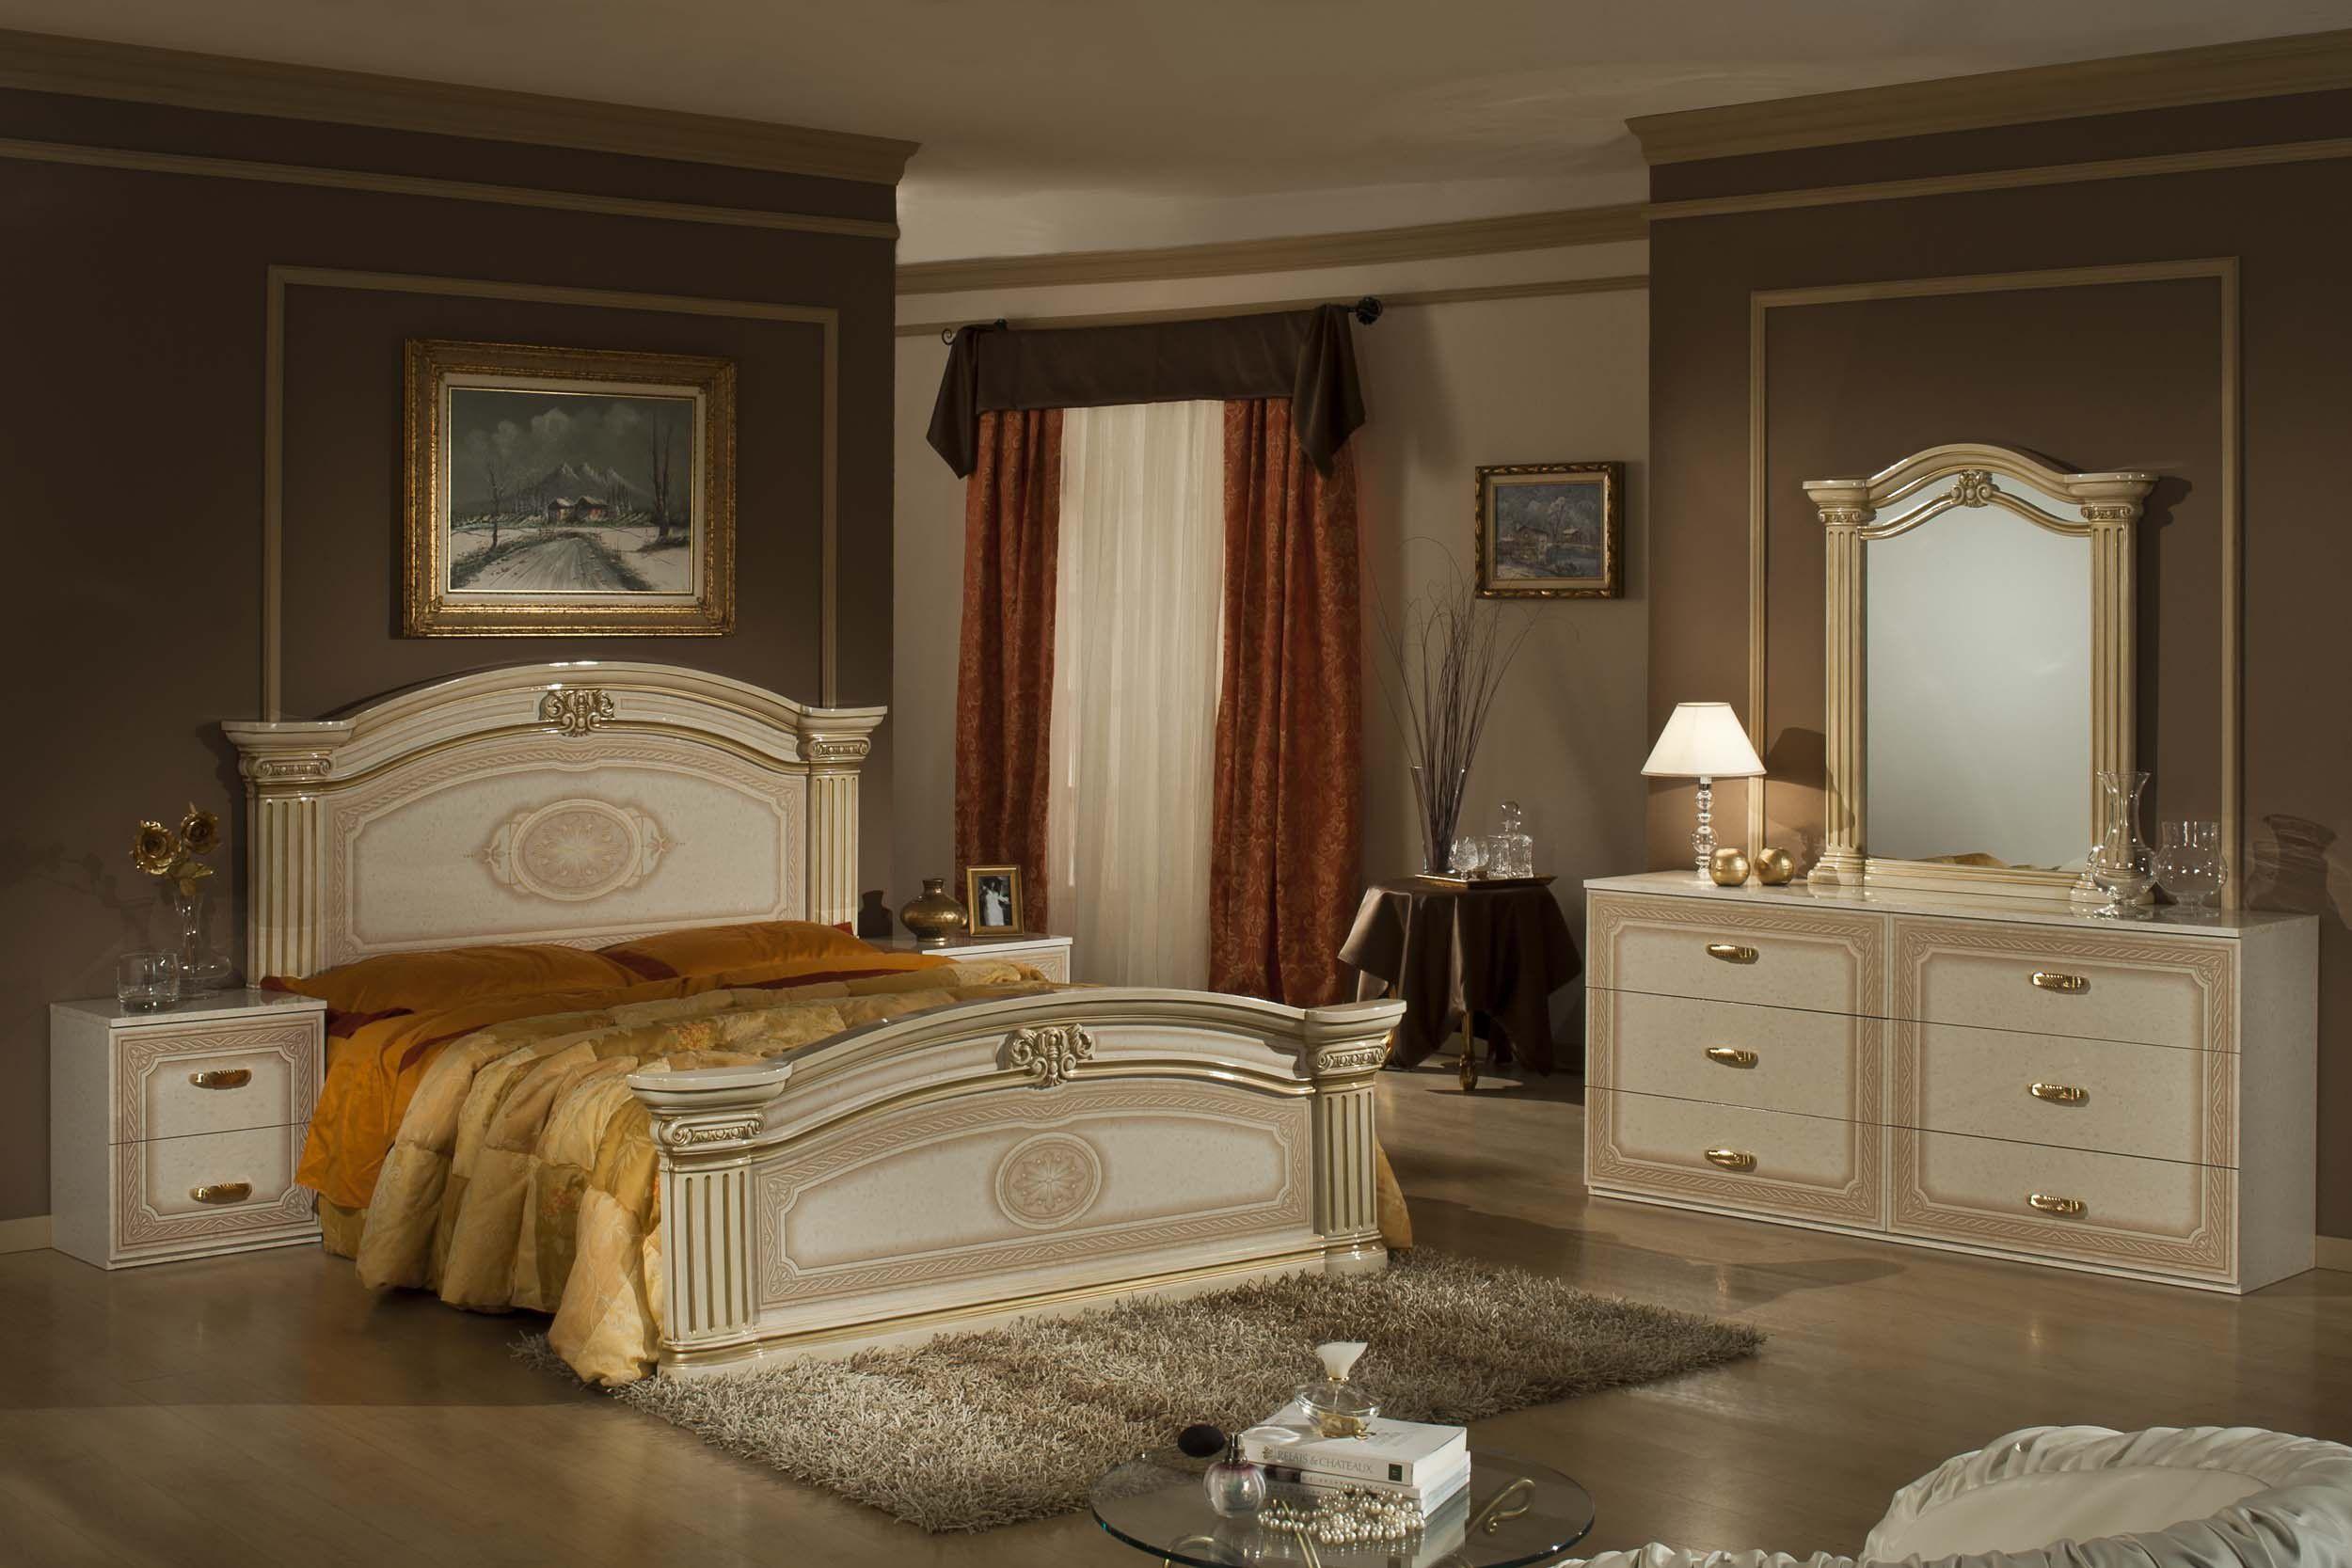 بالصور غرف النوم ايطالية فاخرة , غرف نوم تجنن 7128 2